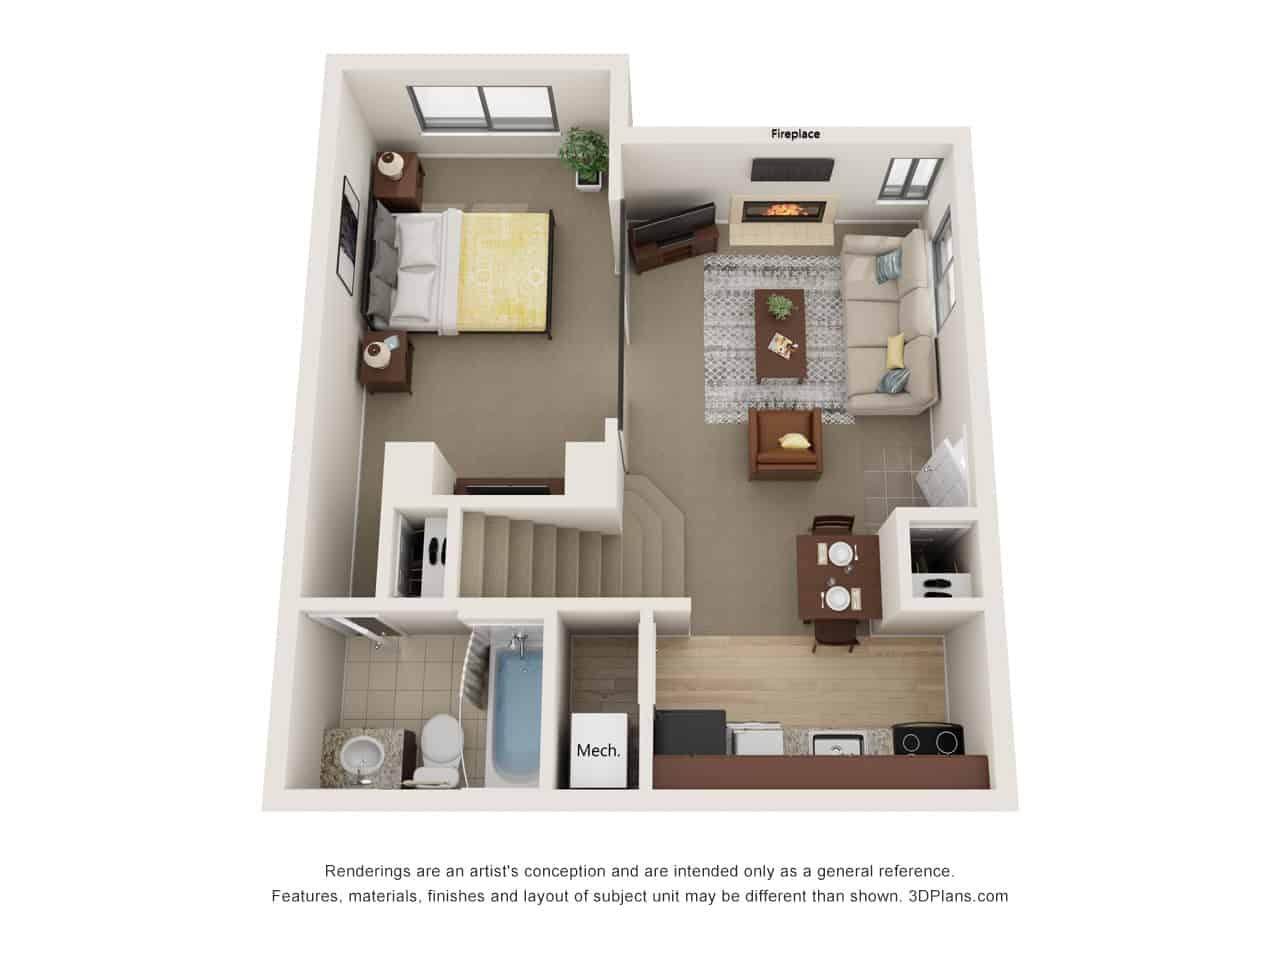 2 Bedroom - 1st Floor